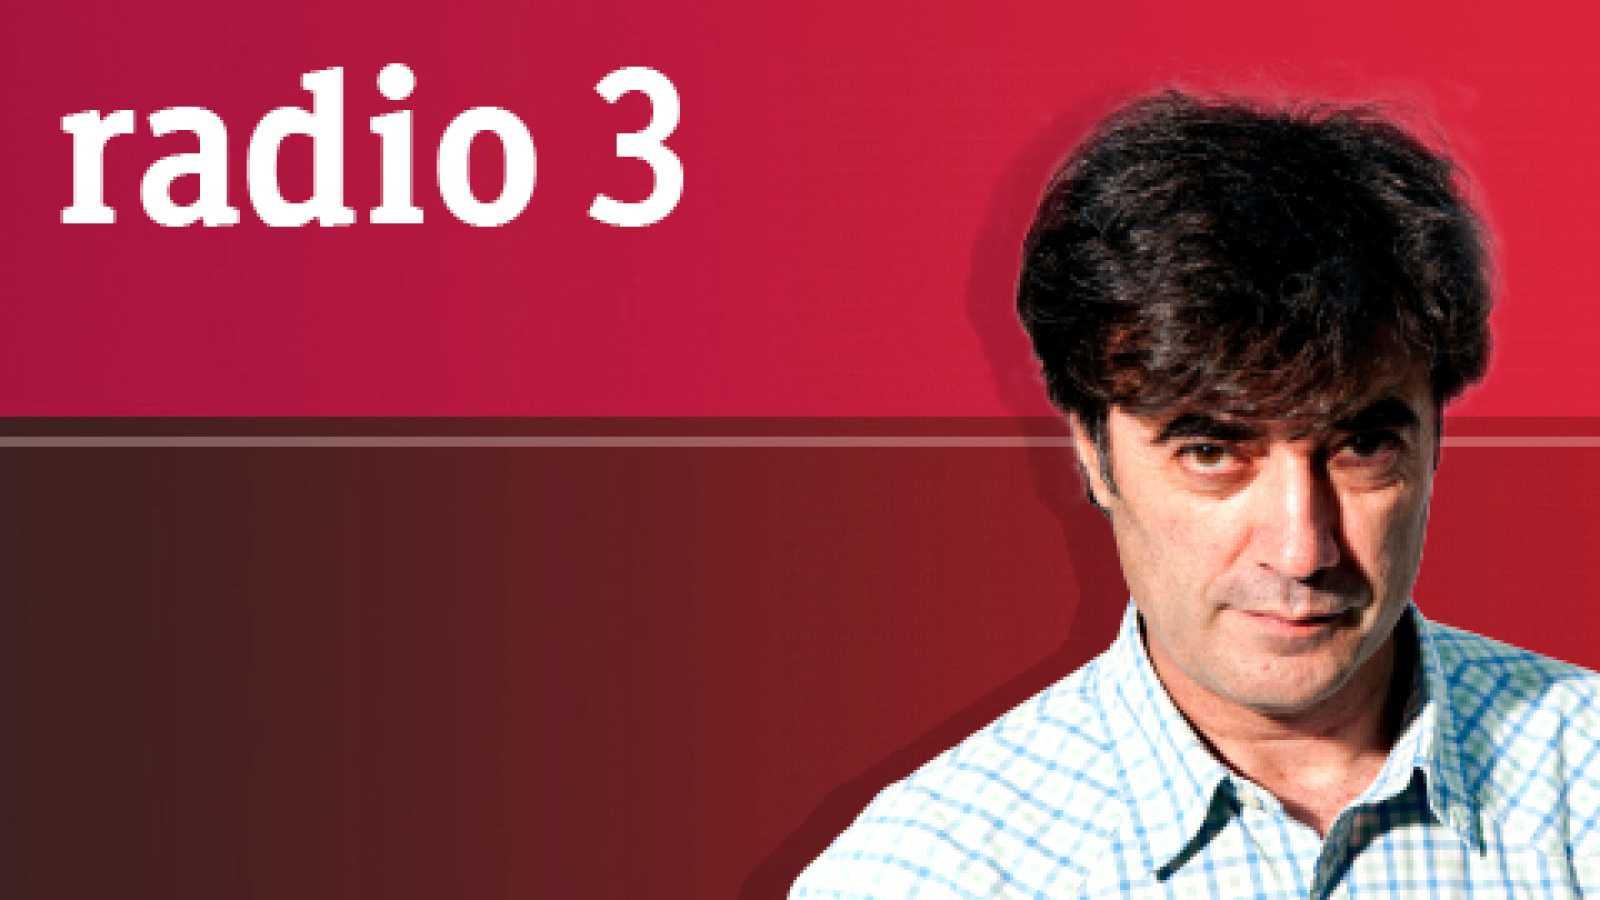 Siglo 21 - Soledad Vélez - 13/03/18 - escuchar ahora